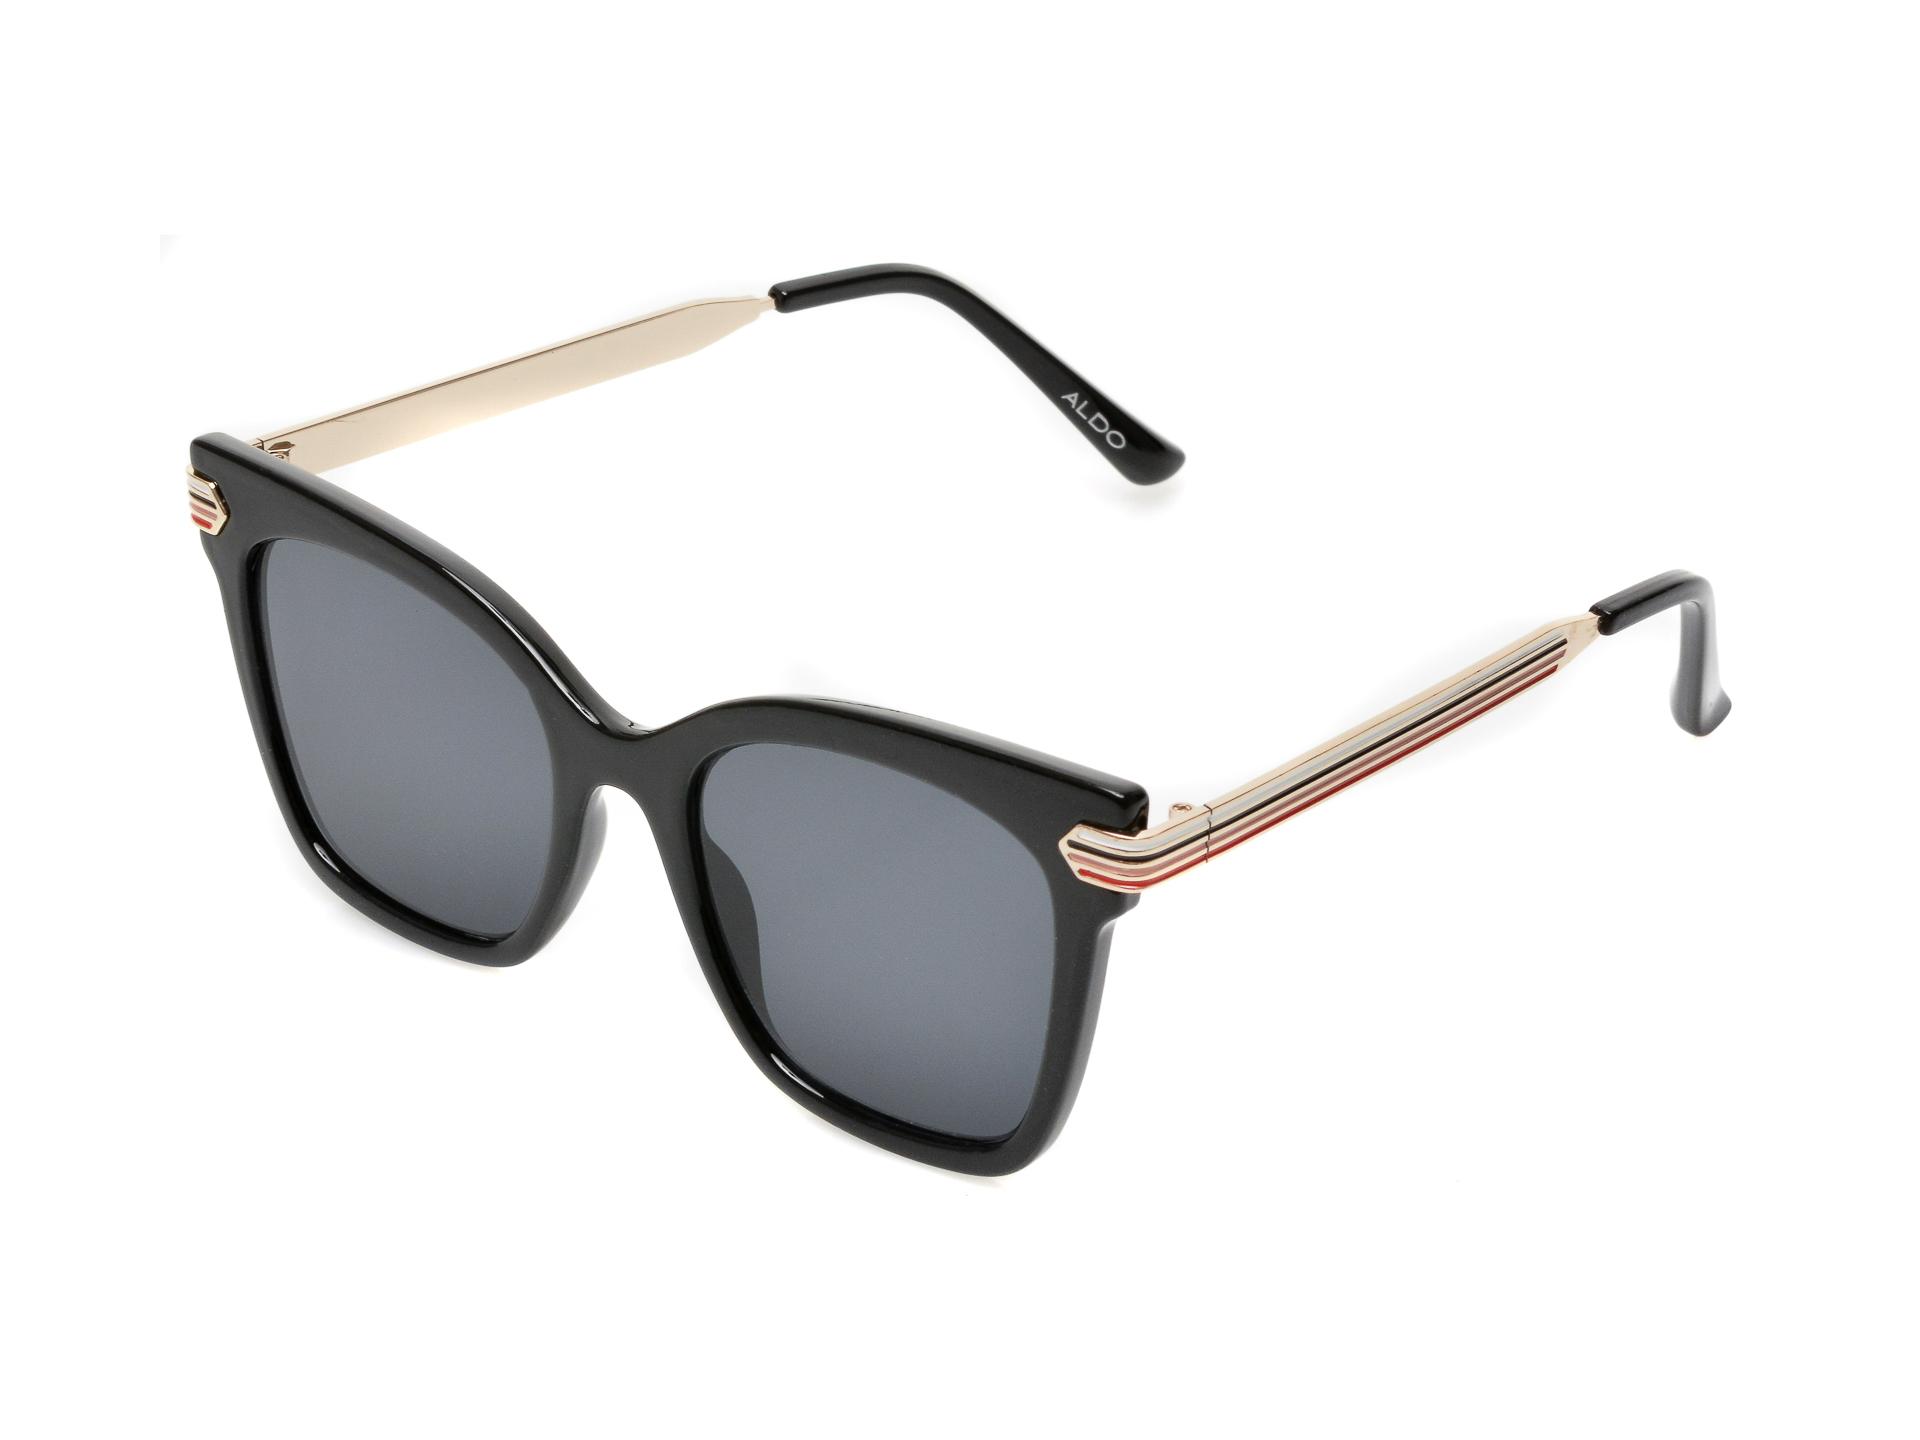 Ochelari de soare ALDO negri, 13087592, din pvc imagine otter.ro 2021